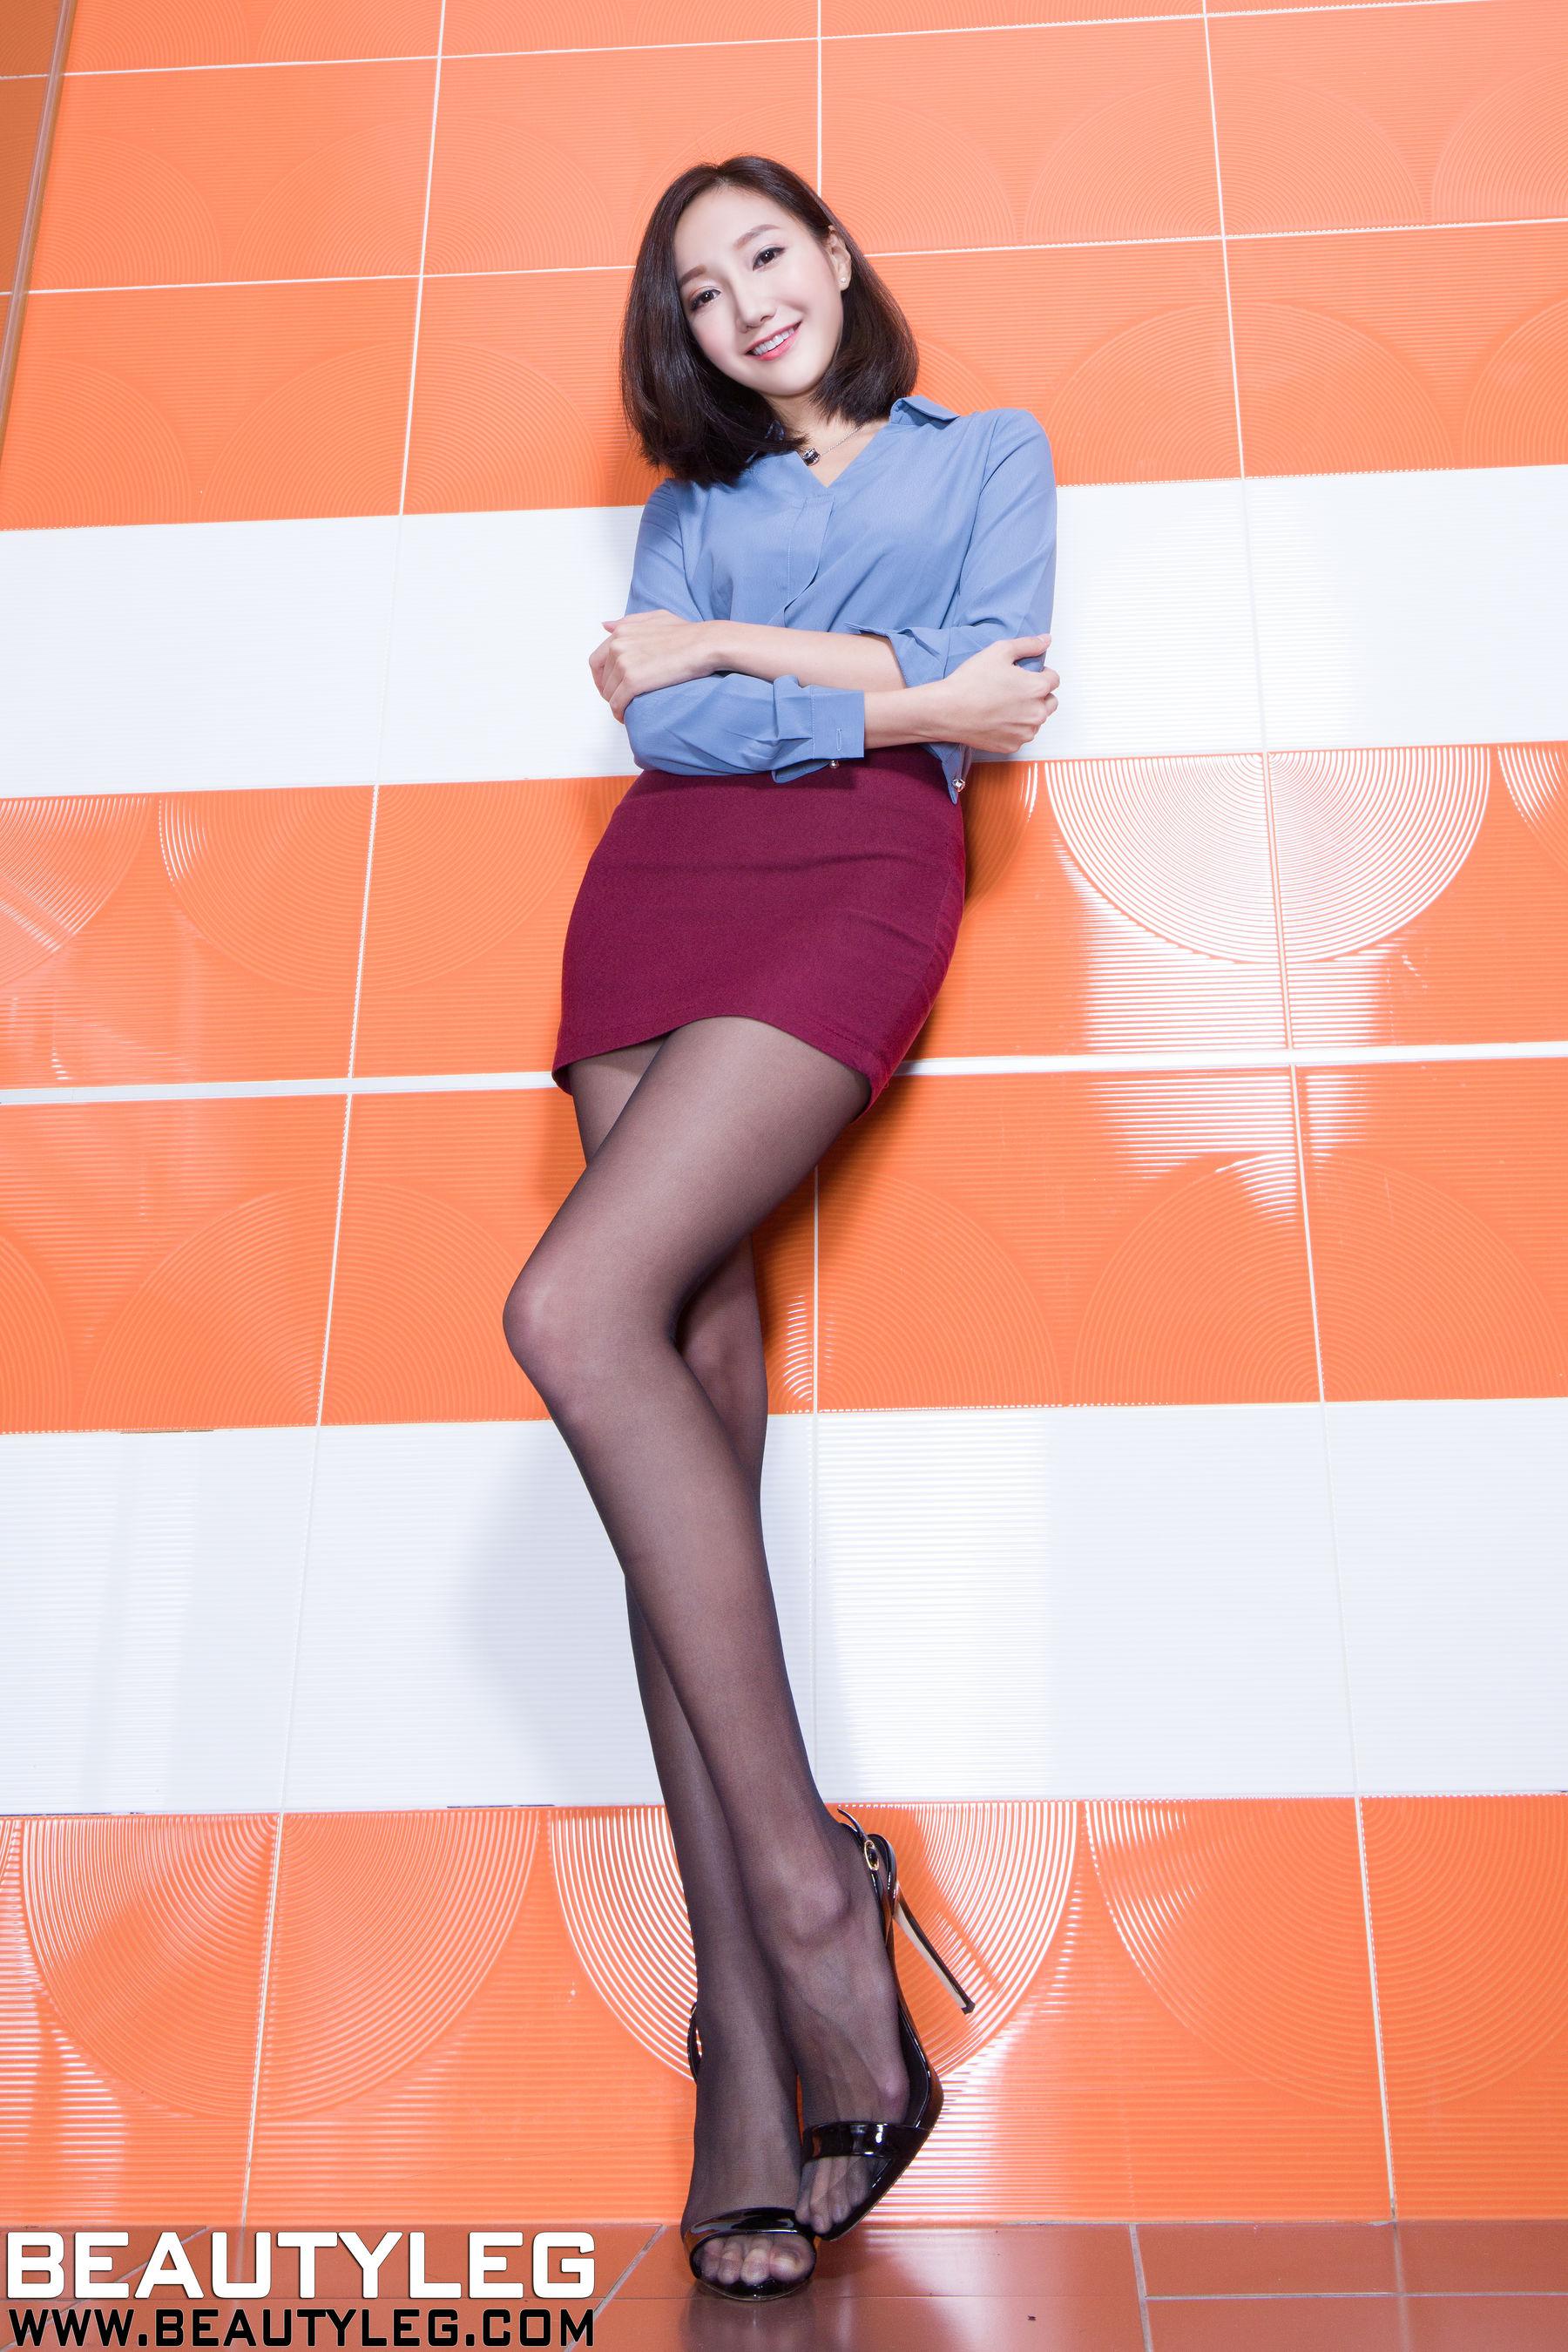 VOL.731 [Beautyleg]高跟长腿美女:陈思婷(腿模Tina,李霜)超高清个人性感漂亮大图(48P)